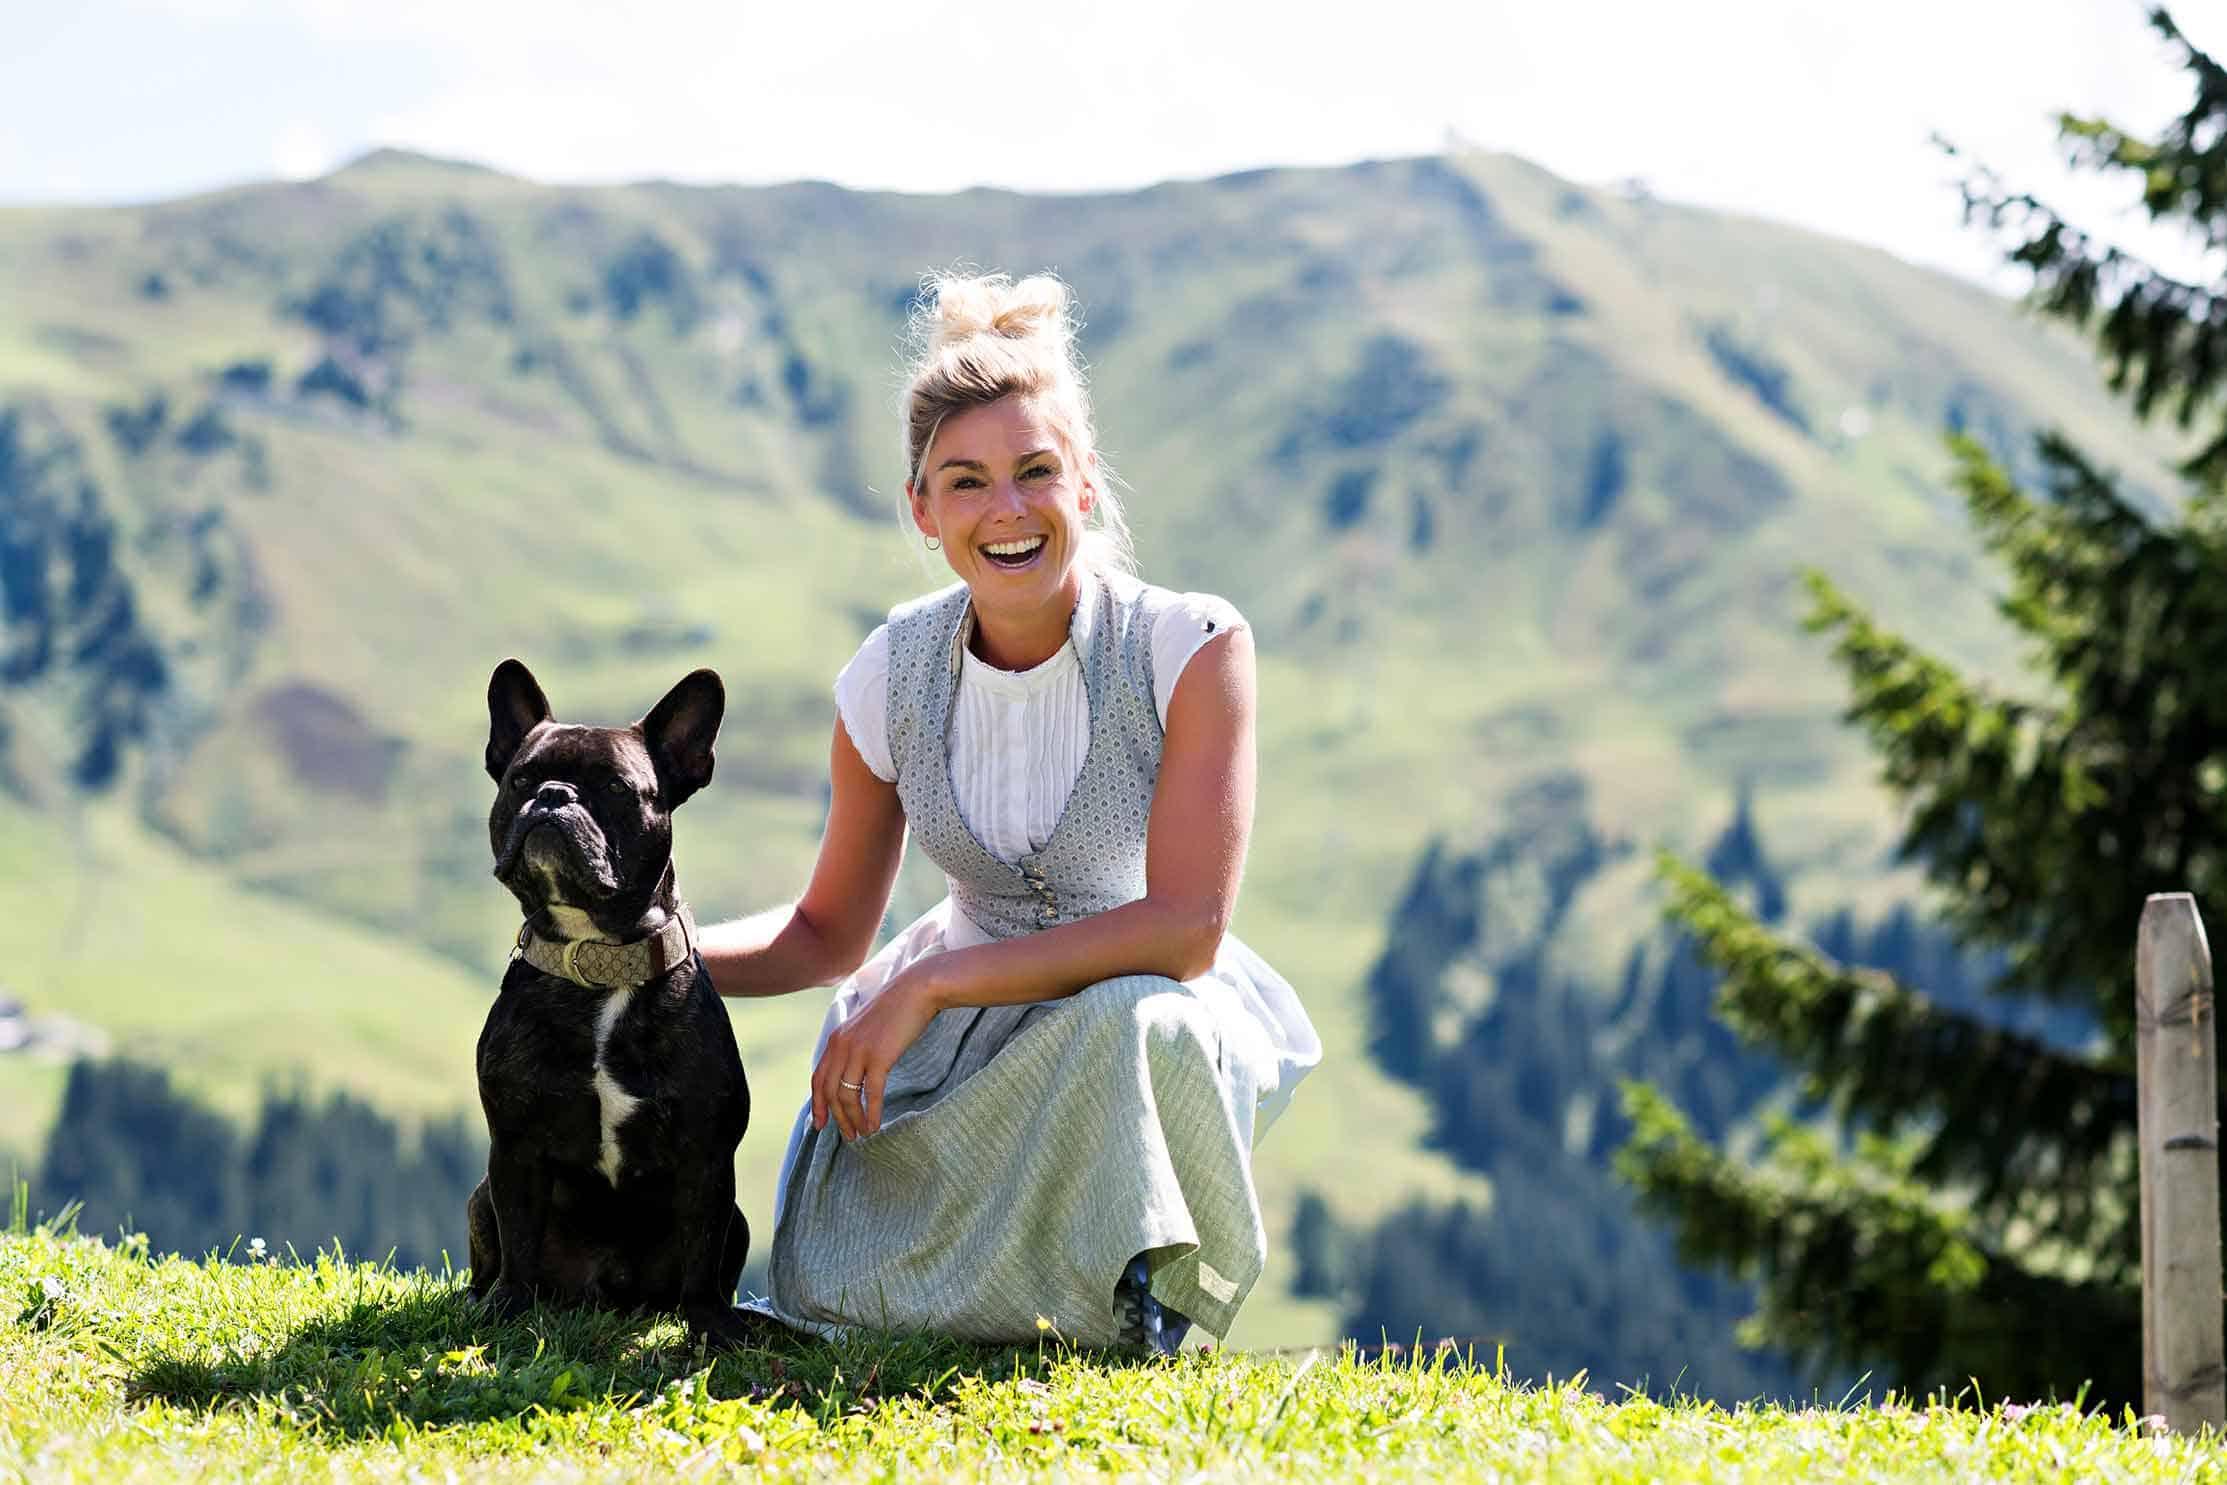 Belli mit Hund Sonnbühel in Kitzbühel Kooperationspartner AlpenHerz